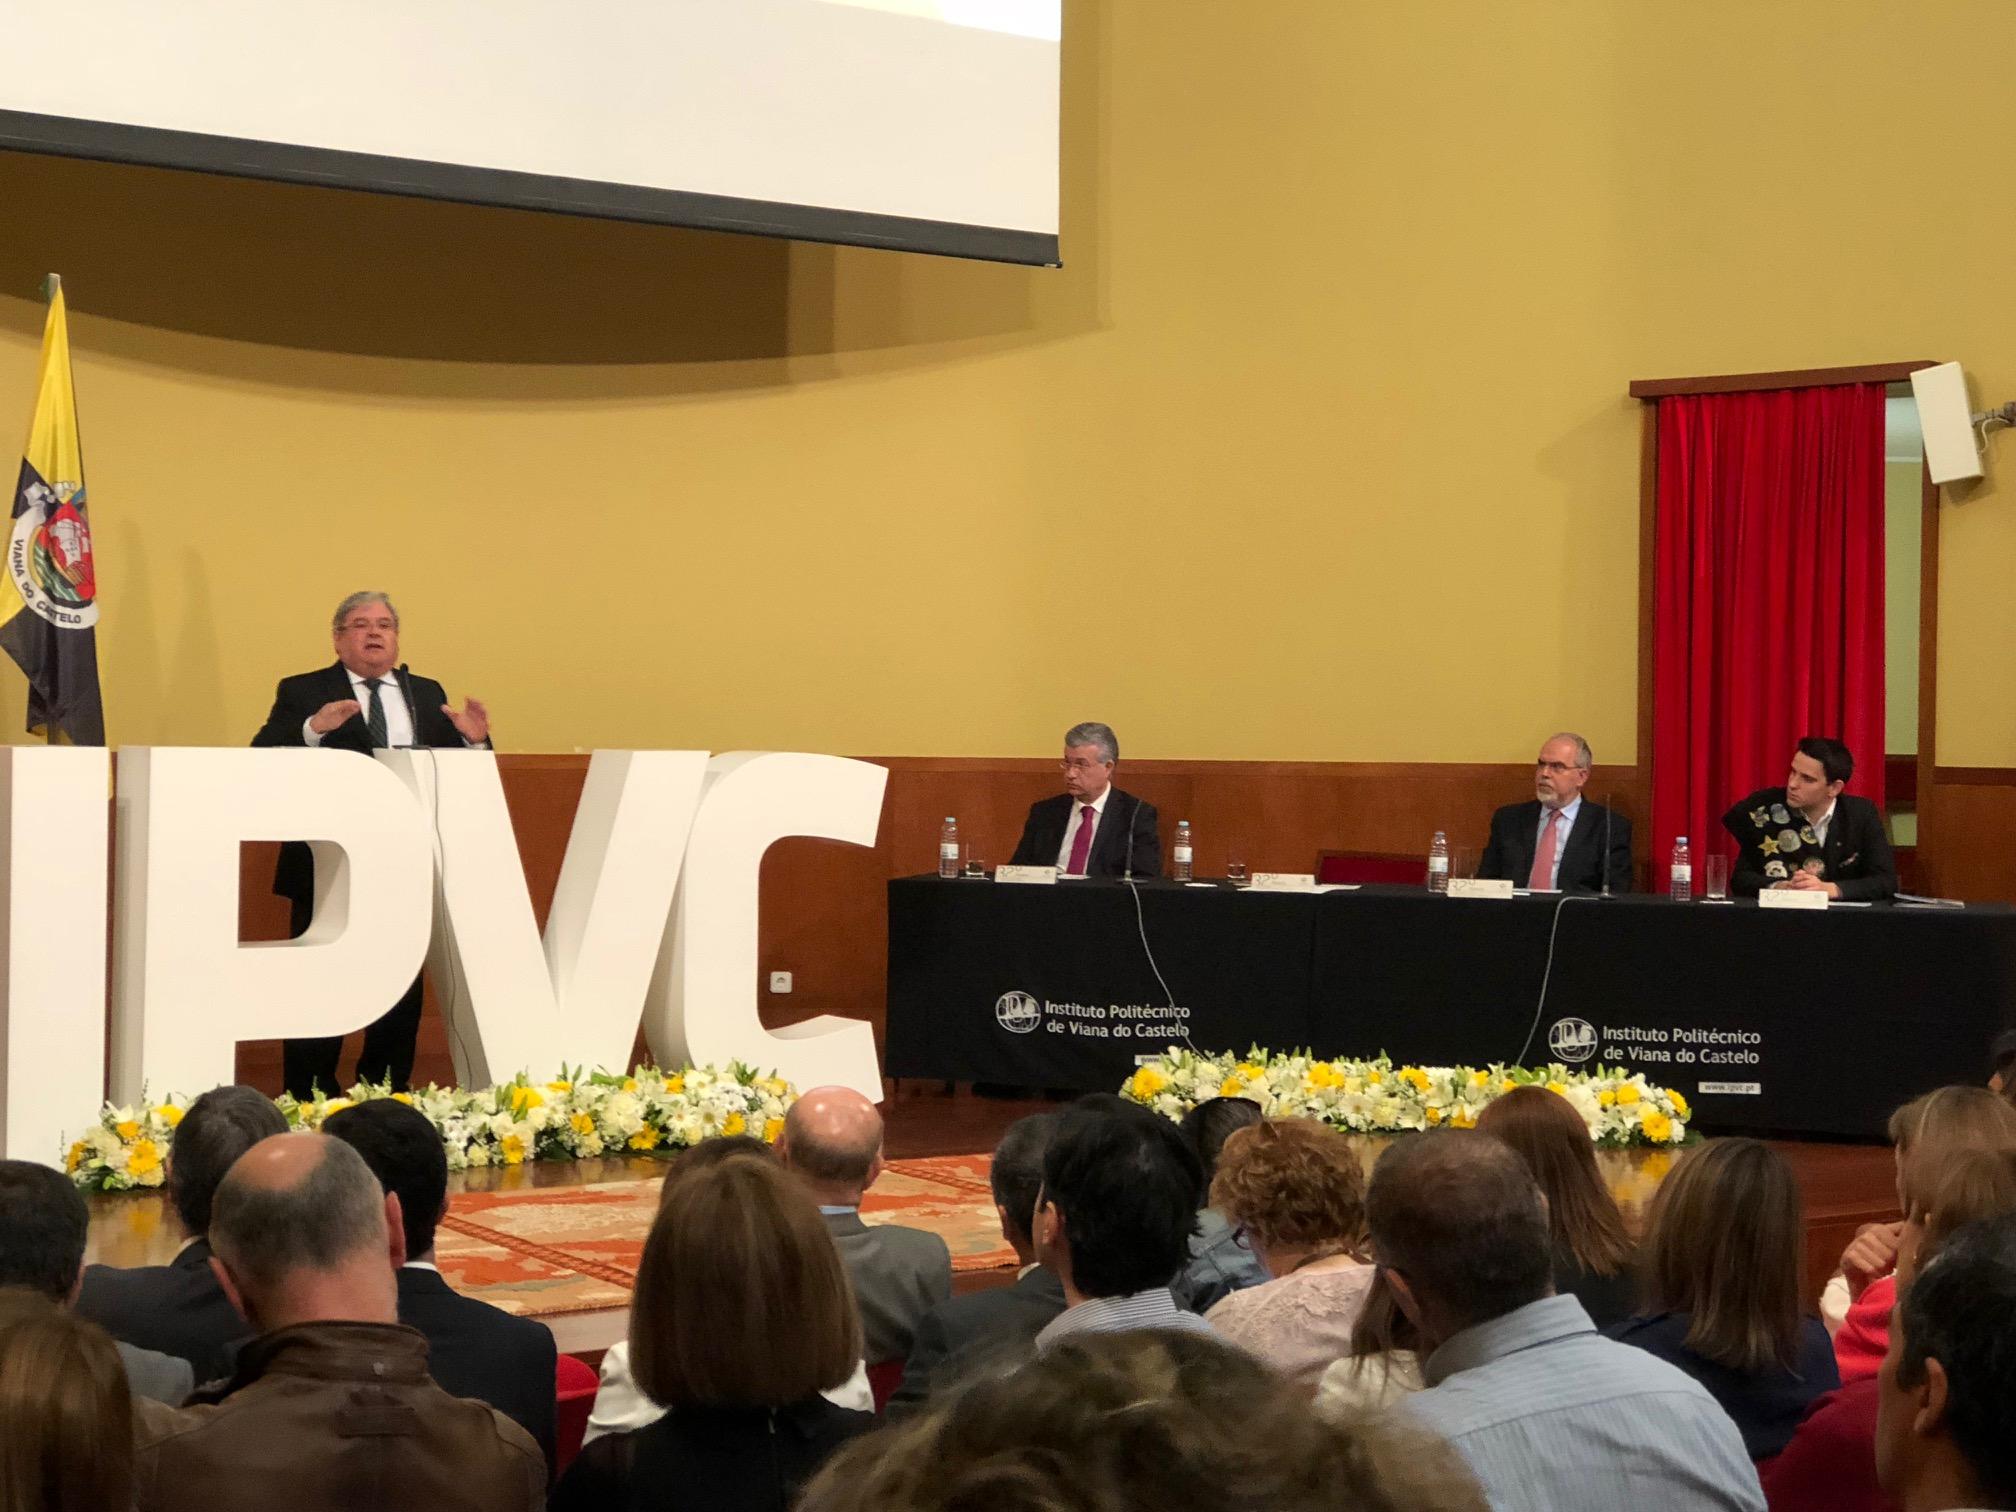 IPVC vai continuar a apostar na investigação no Alto Minho